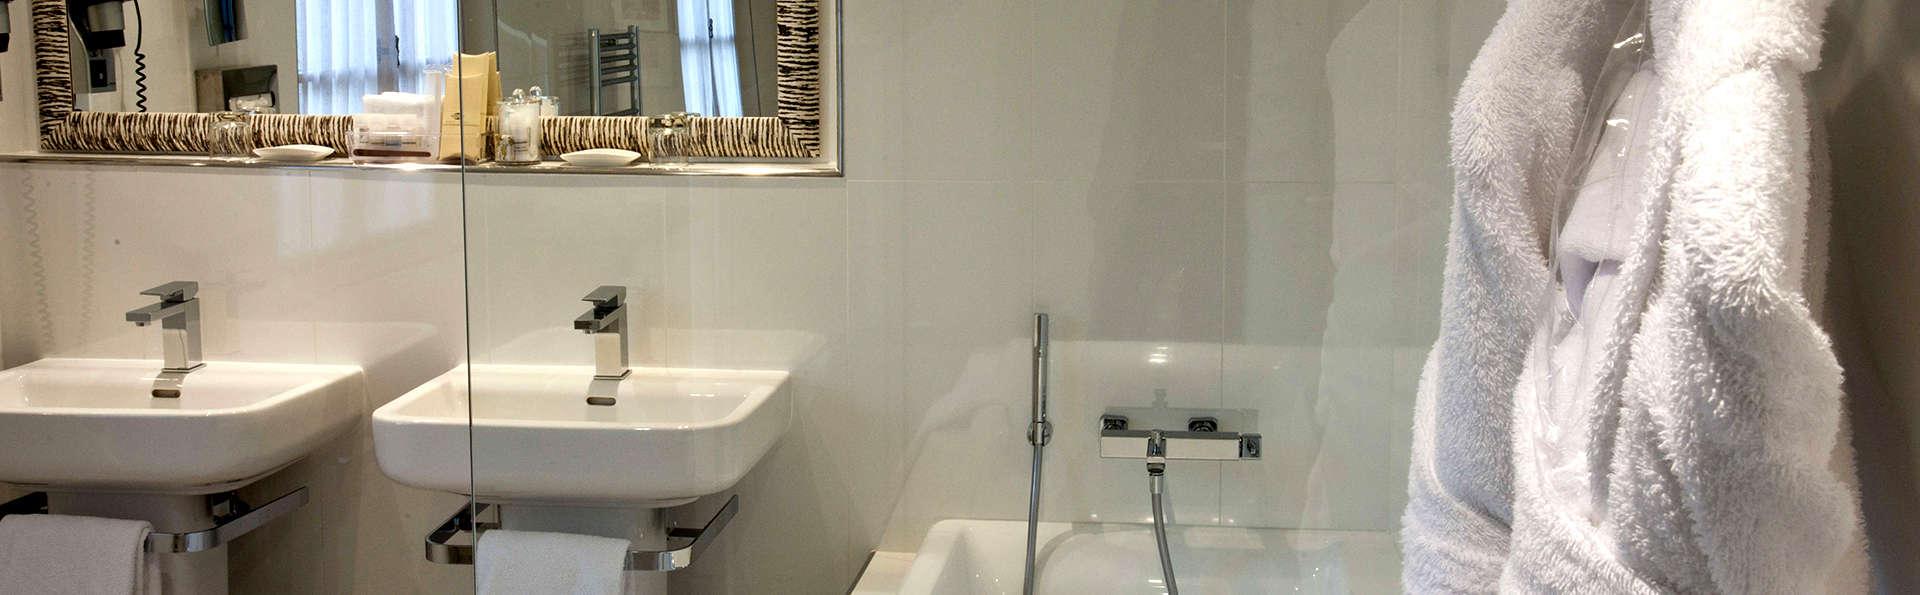 Le Prieuré - Villeneuve les Avignon - Edit_Bathroom3.jpg